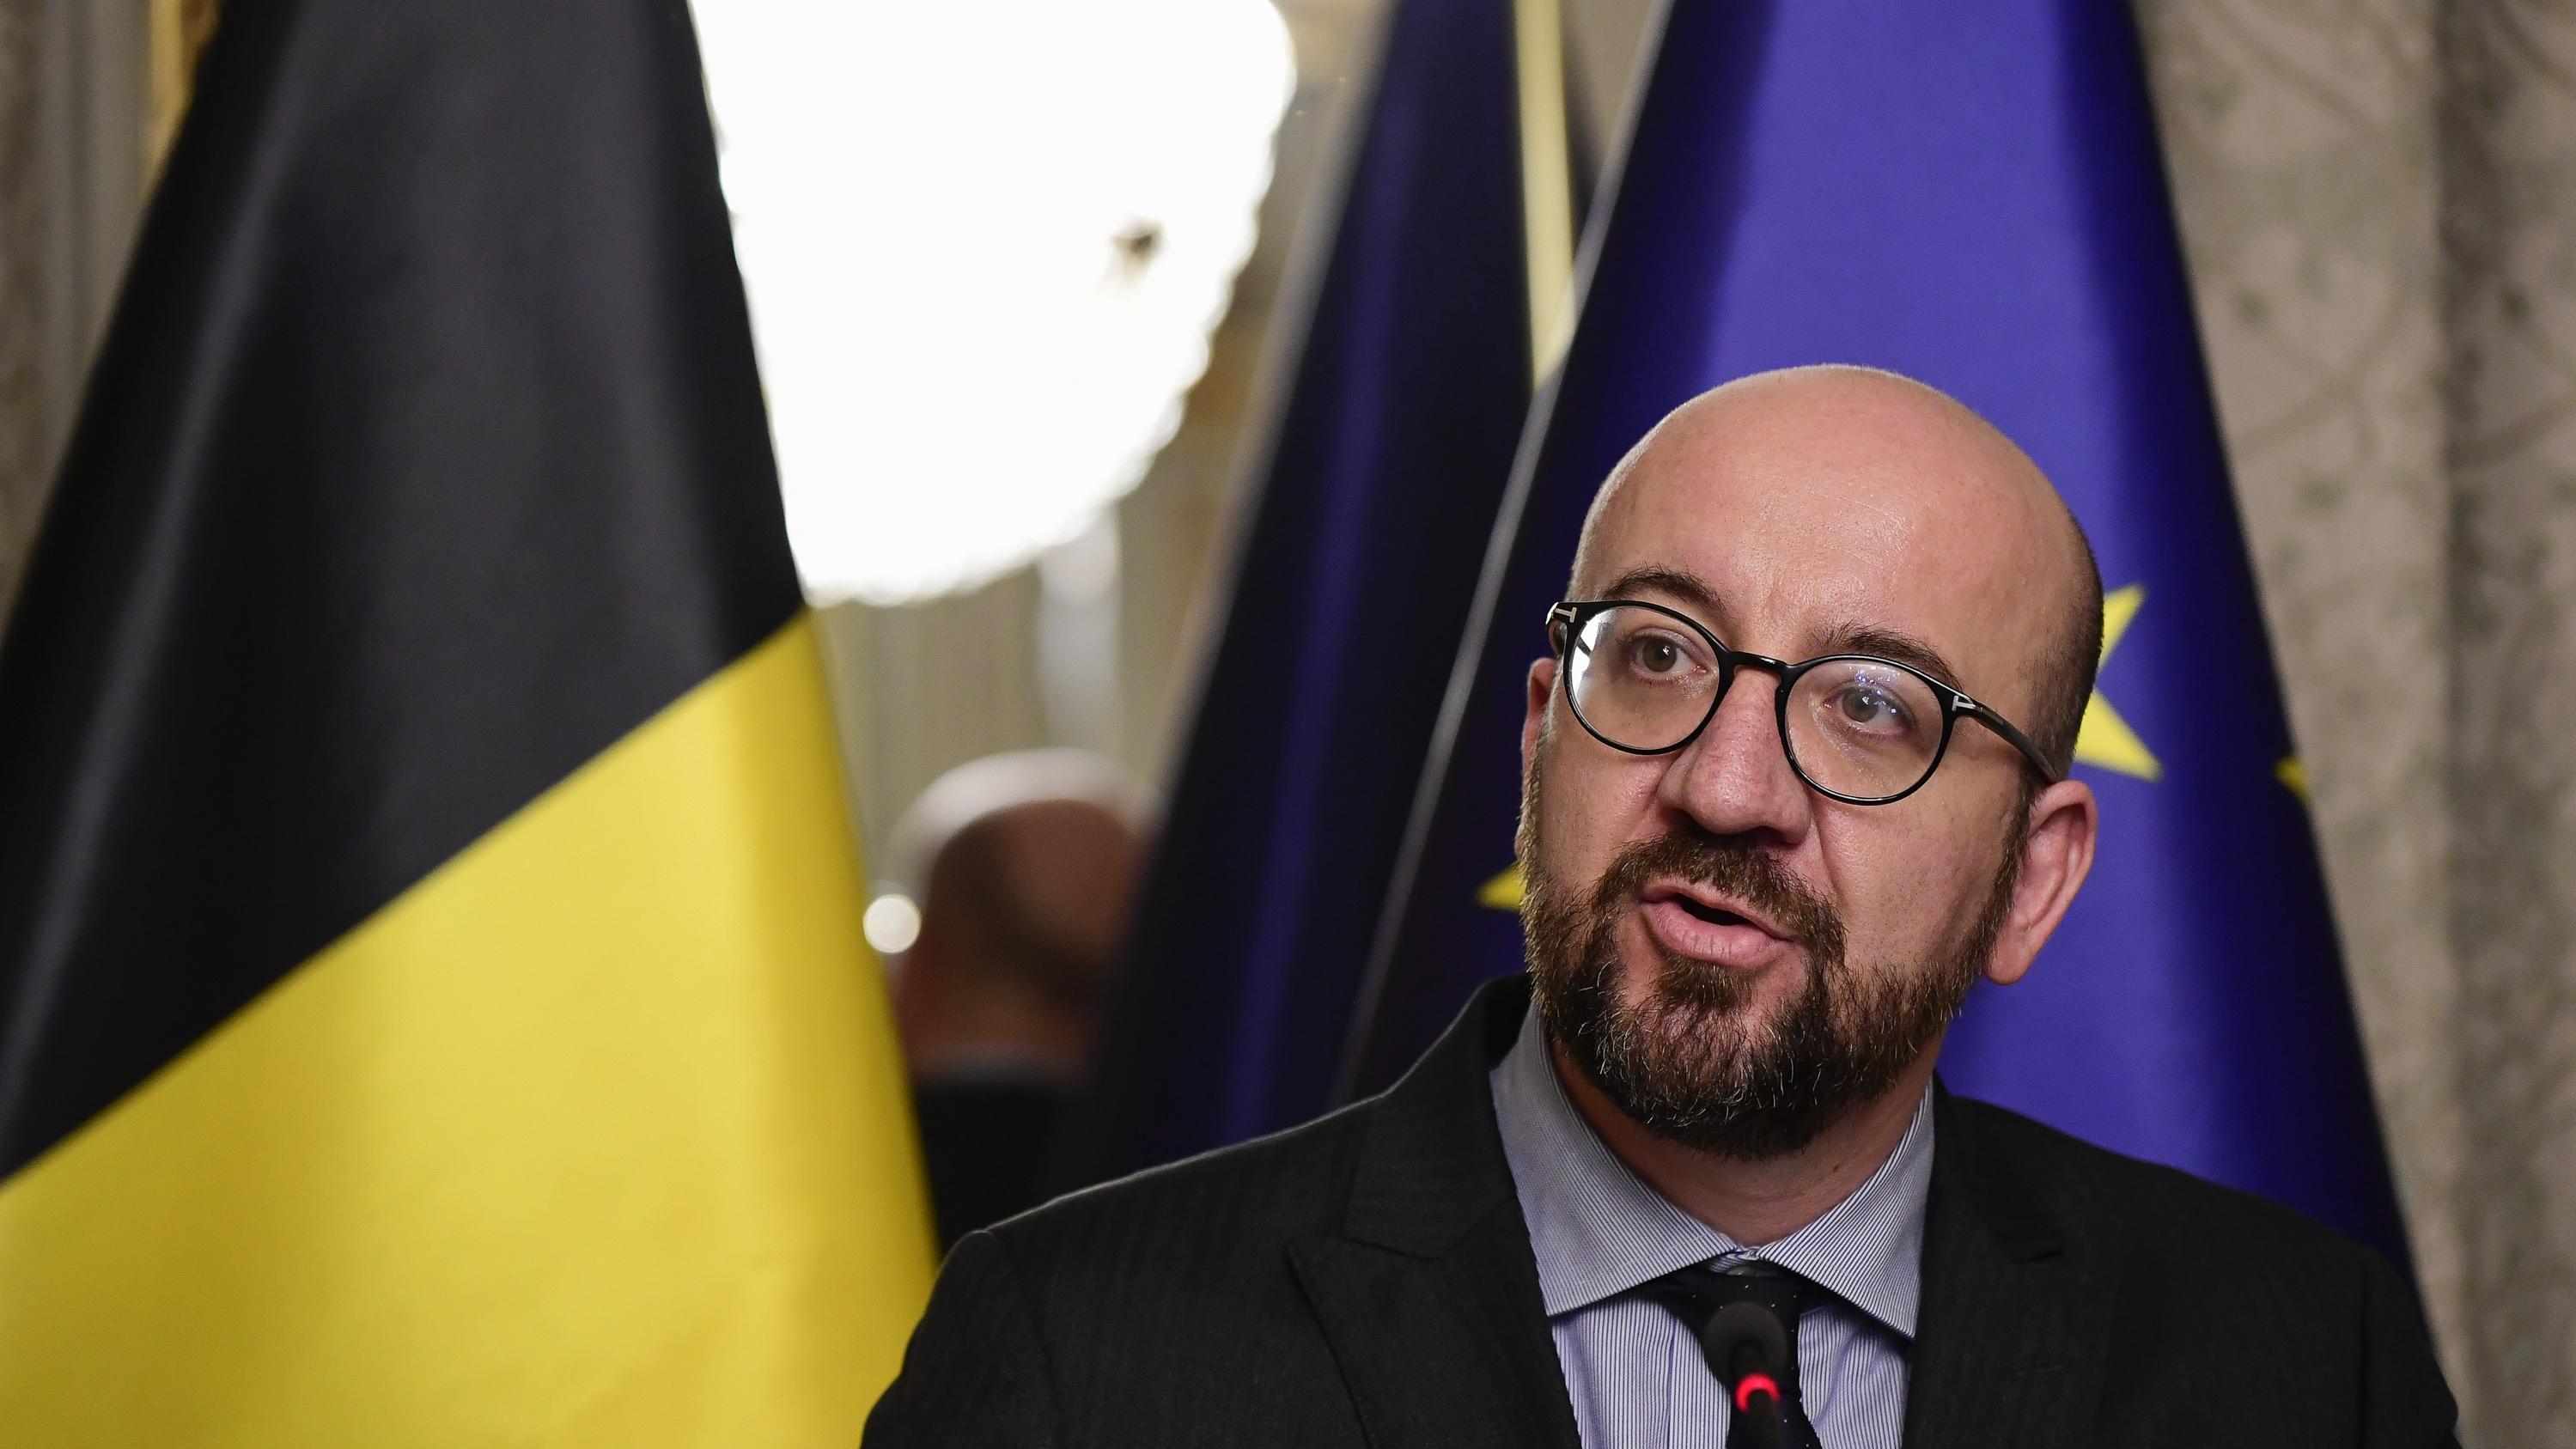 Der belgische Premierminister Charles Michel